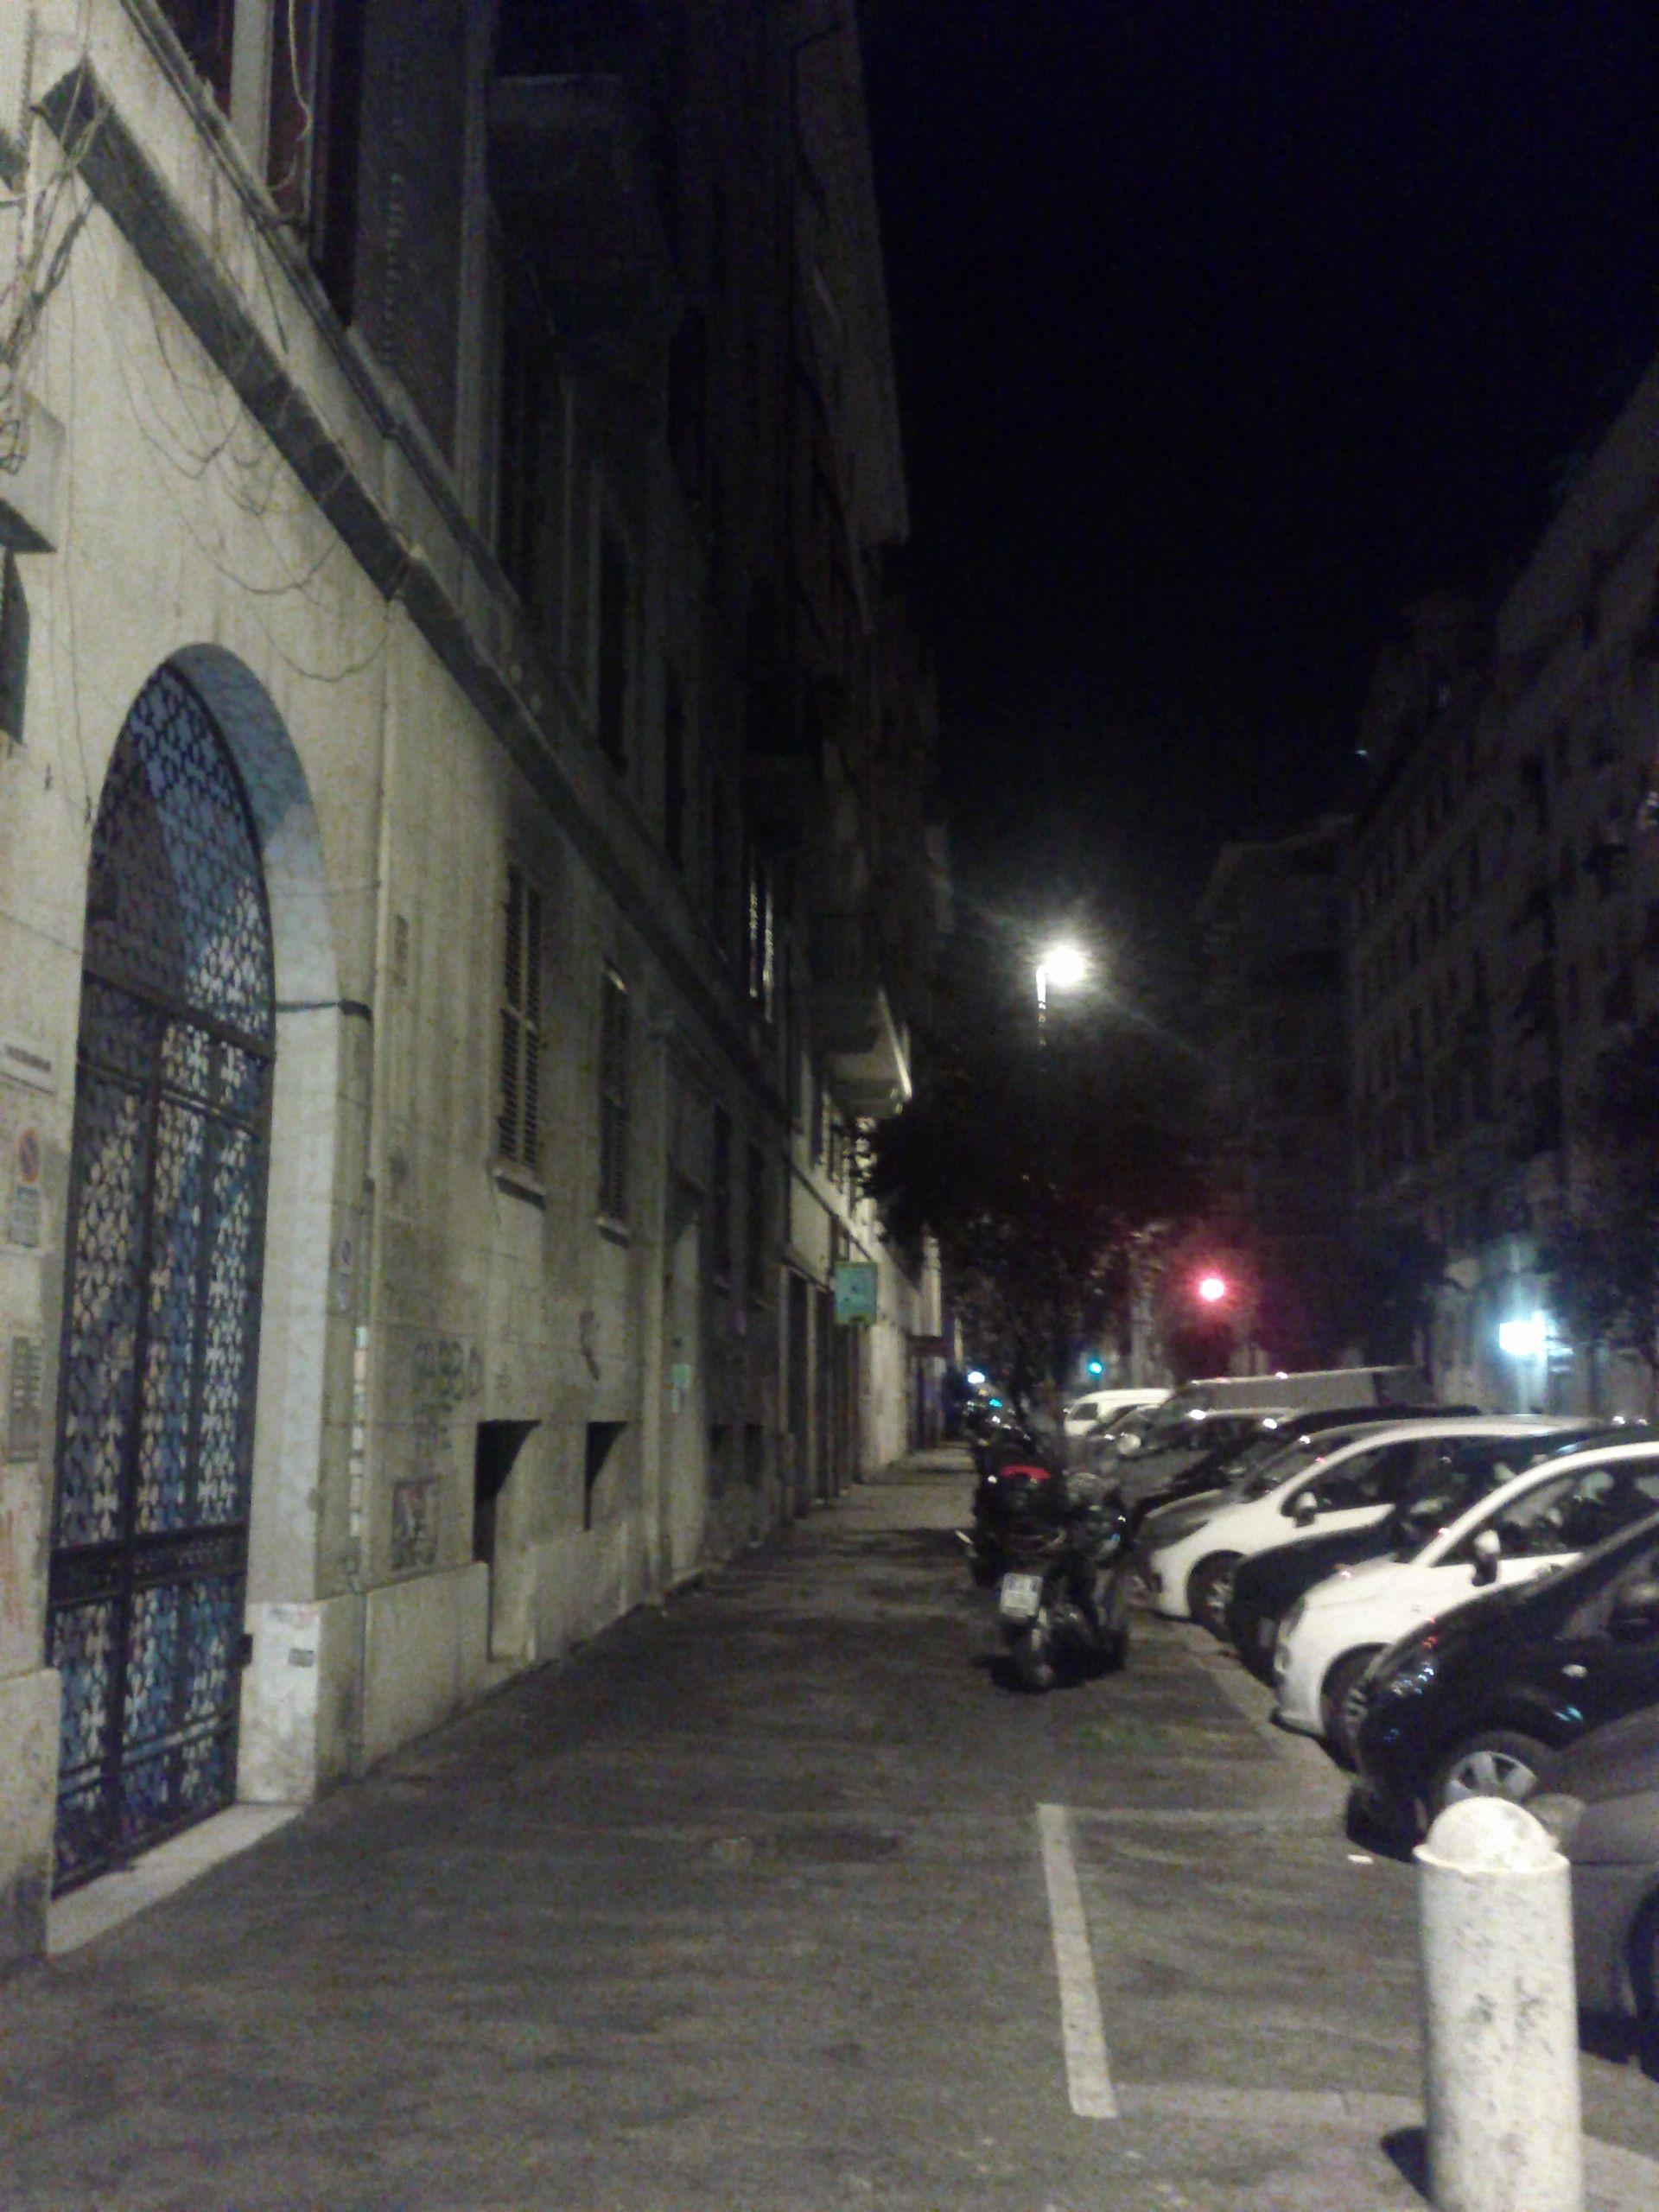 Via Costantino Morin